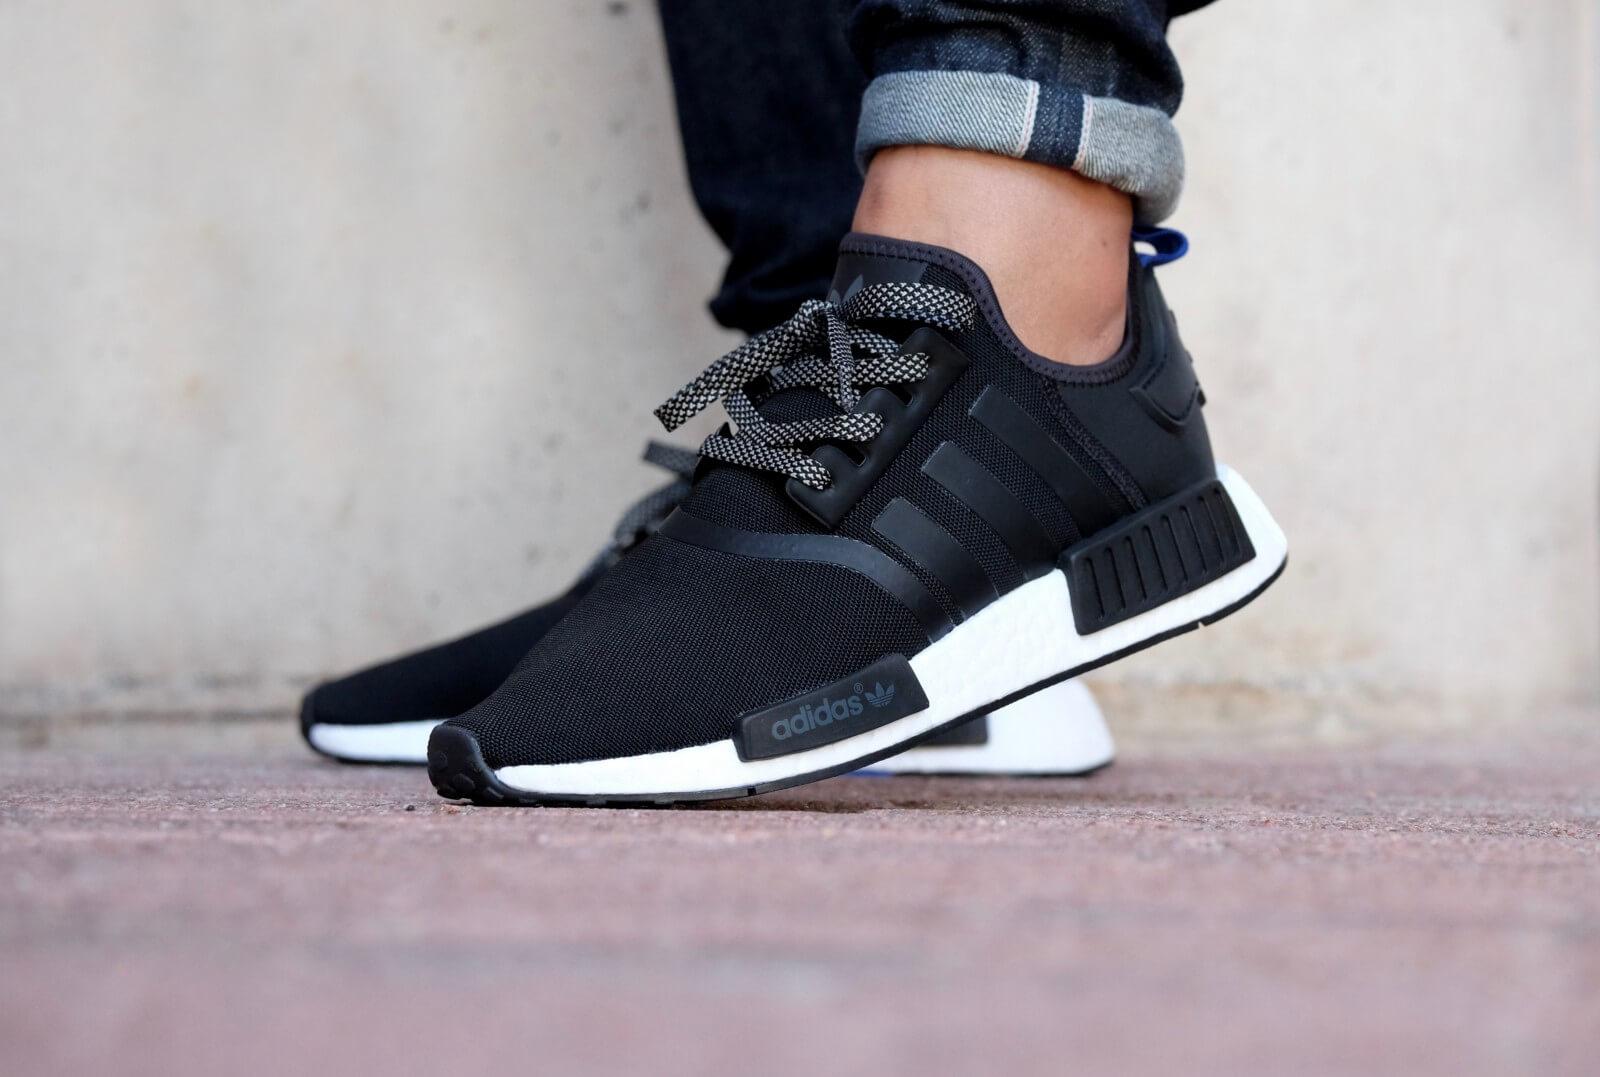 Adidas NMD R1 Black / Core Black / White